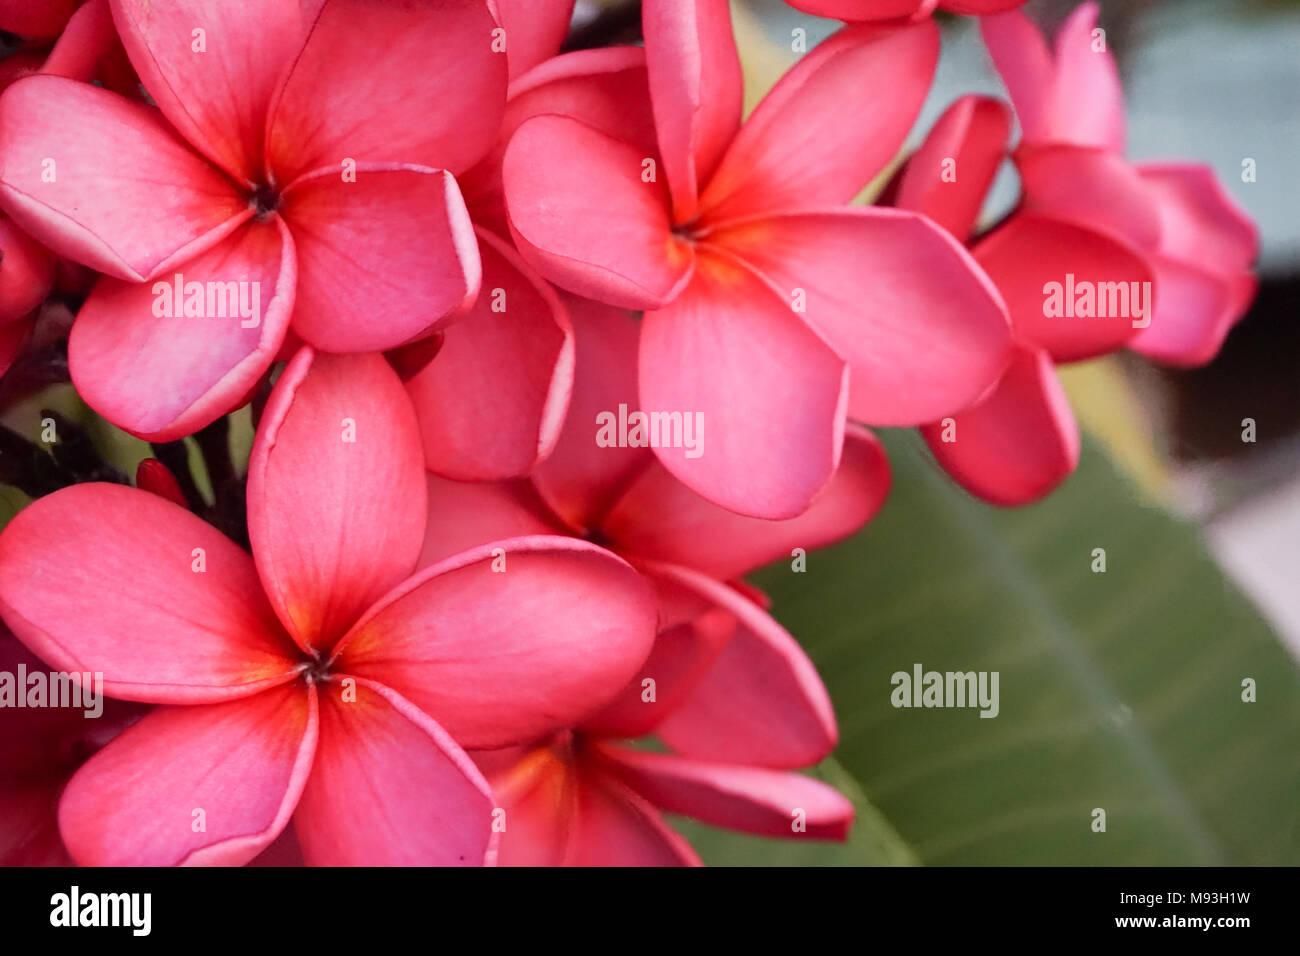 Bunga Kamboja High Resolution Stock Photography And Images Alamy